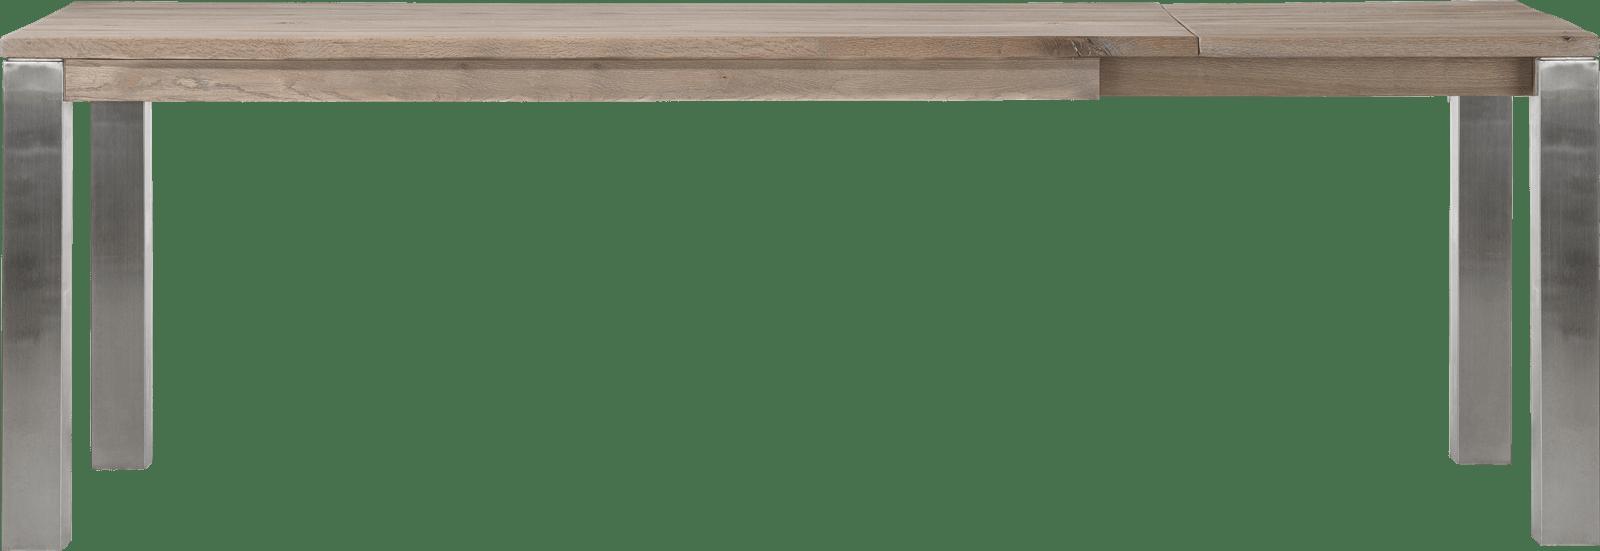 Masters - ausziehtisch 180 (+ 60) x 90 cm - edelstahl 9x9